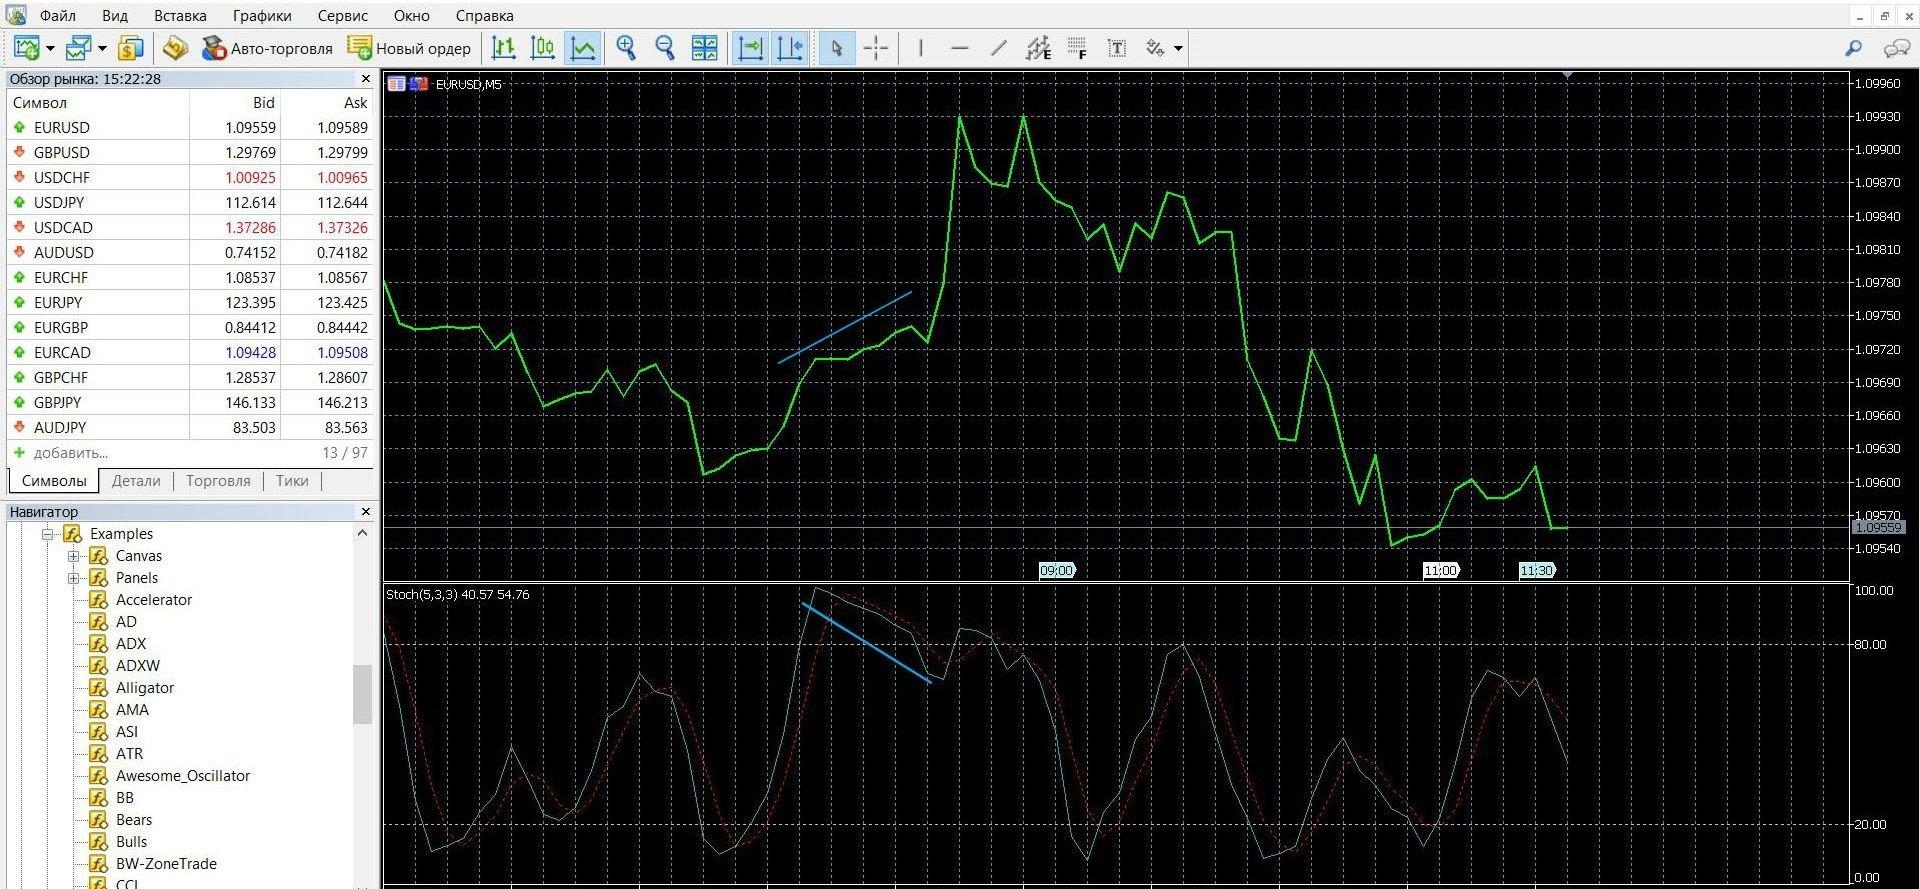 Индикатор StochRSI в торговле при сигнале дивергенции